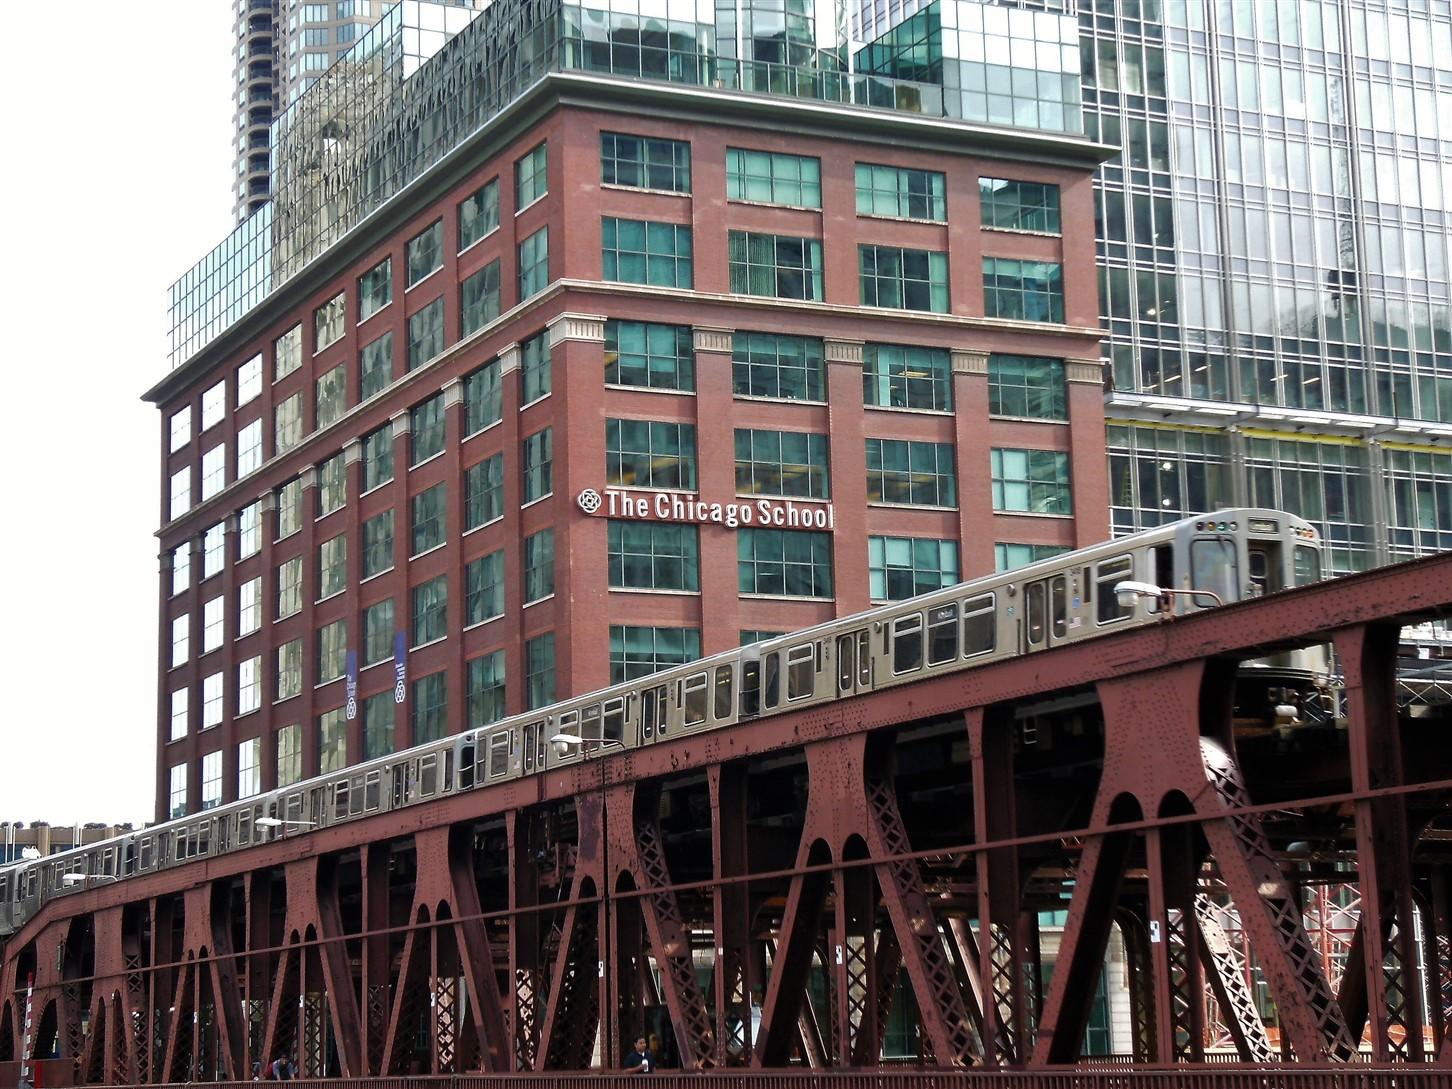 2008 08 21 9 Chicago.jpg